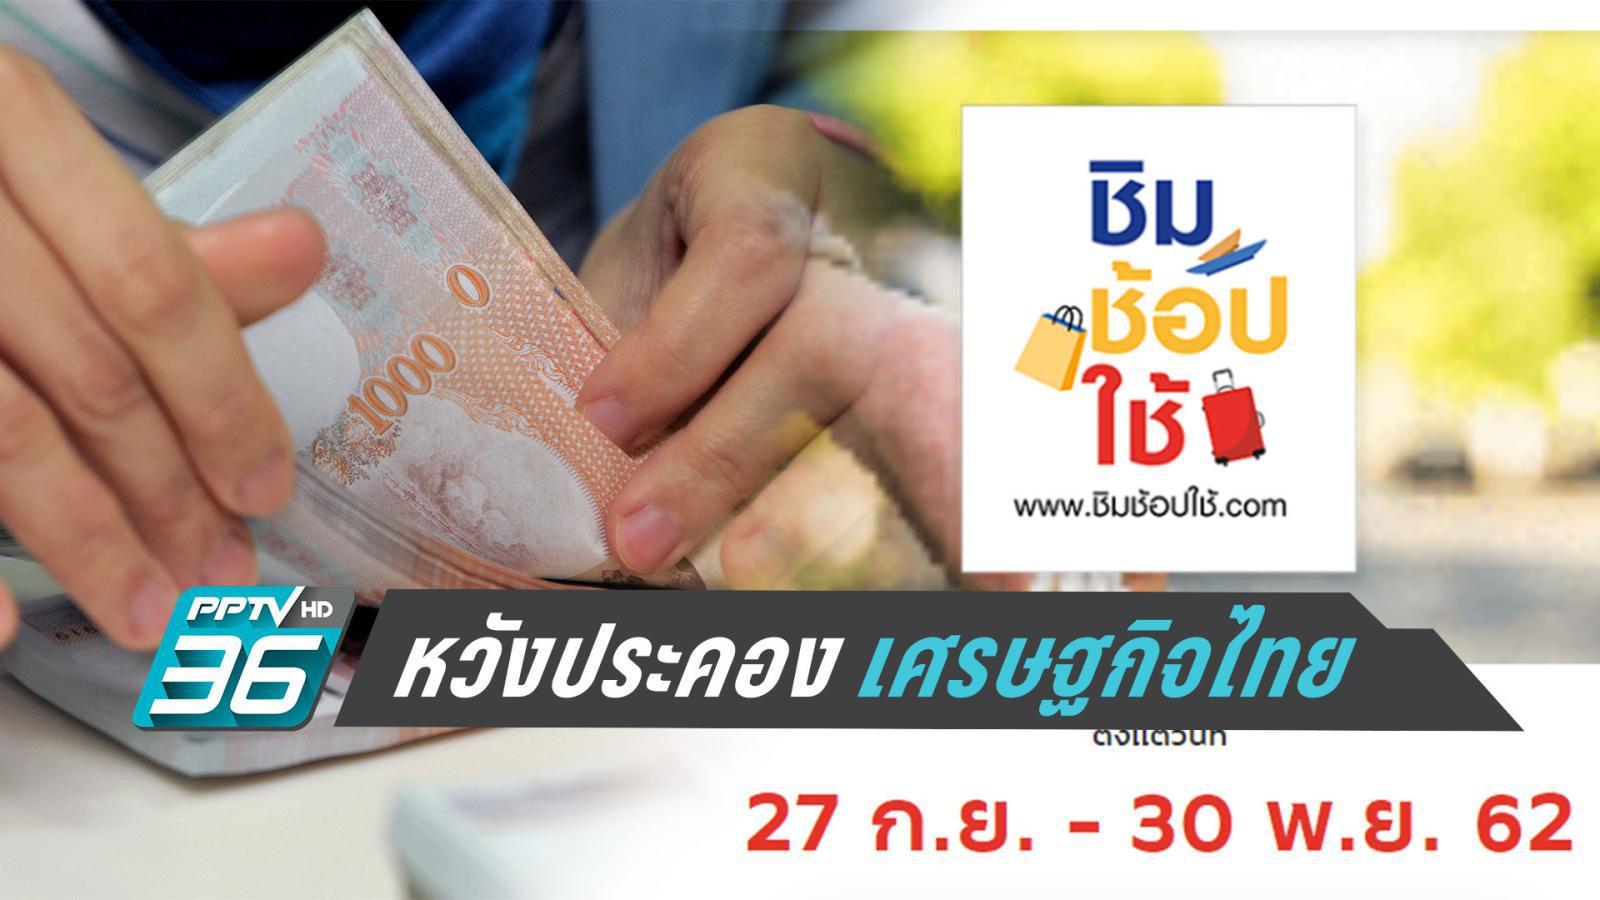 """ส.ค. ผลผลิตอุตสาหกรรมไทย หดตัว 4.4% สศอ.หวัง """"ชิม ช้อป ใช้"""" ประคองเศรษฐกิจท้ายปี"""